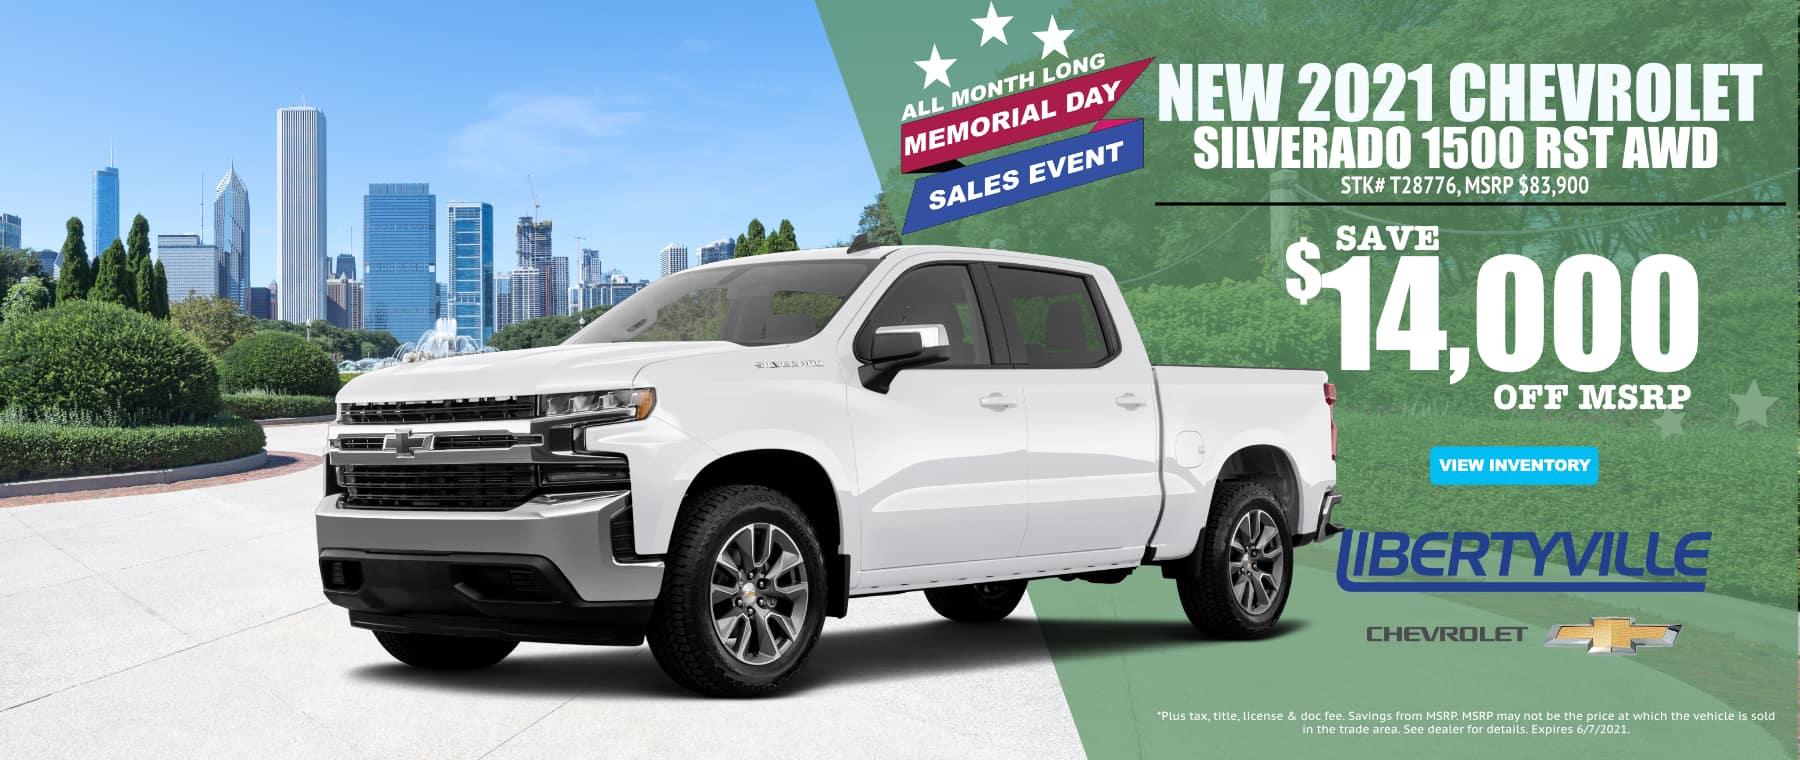 May_2021_Silverado_Chevrolet